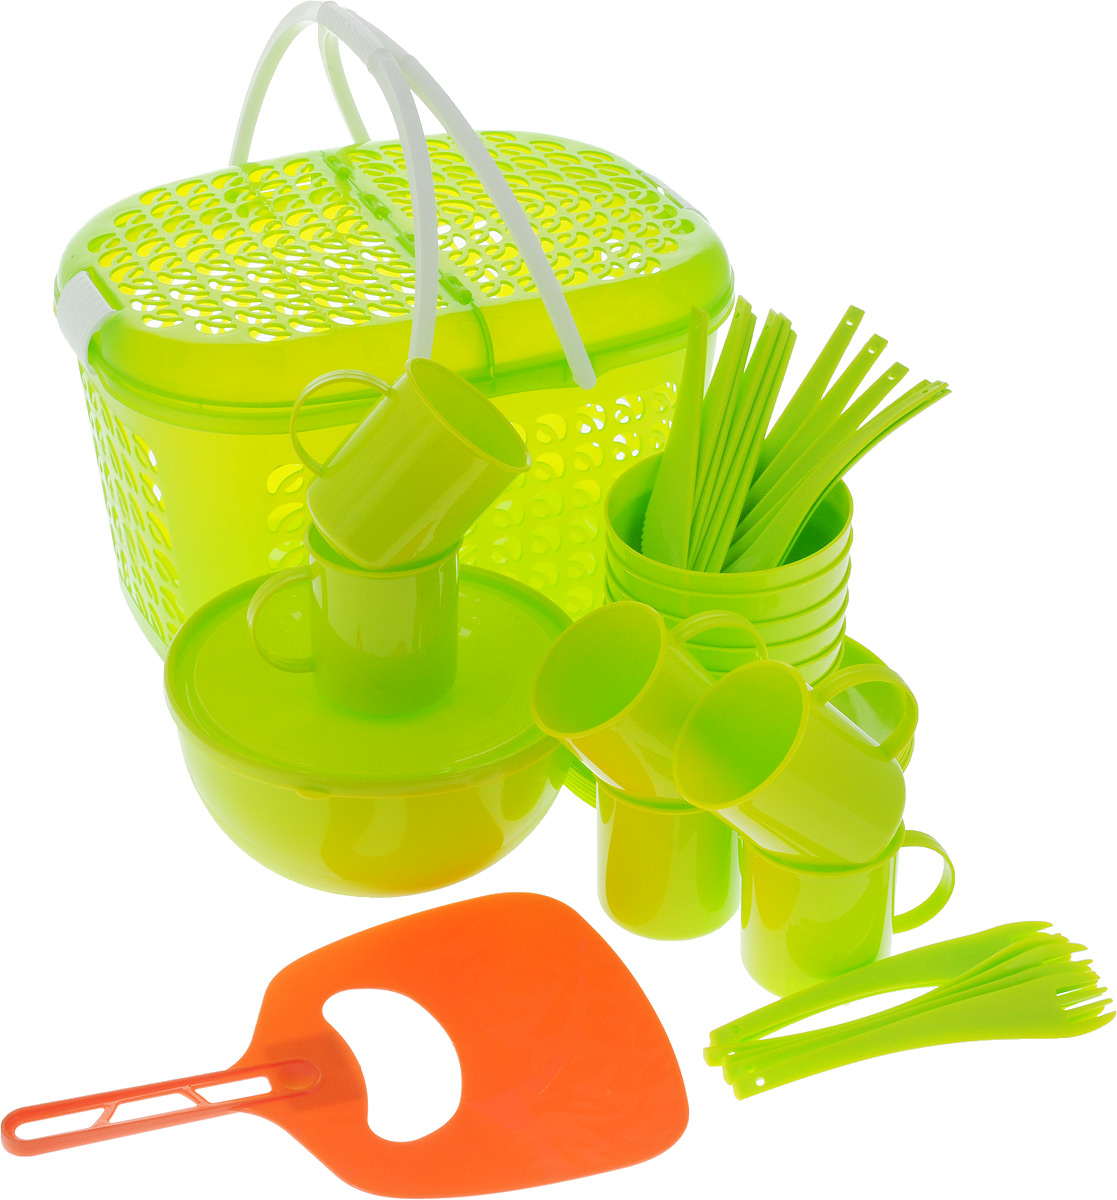 Набор для пикника Plastic repablic, 40 предметовТДД25562Набор для пикника Plastic repablic предназначен на 6 персон. Изделия выполнены из высококачественного пищевого пластика.Изделия удобно располагаются в корзине-переноске в которой можно переносить или перевозить предметы. Корзина-переноска «Galaxy» позволит вместить не только сам набор, но и еду для пикника.Набор для пикникаобеспечит полноценный отдых на природе для большой компании или семьи. В набор входят: - корзина-переноска - размеры (с учетом крышки) 22 x 19 x 37 см; - салатник - объем 2,5 л, диаметр (по верхнему краю) 21 см, высота стенки 10 см;- крышка - диаметр 21 см;- 6 мисок - диаметр (по верхнему краю) 12,2 см, высота стенки 6 см;- 6 тарелок - диаметр 20,5 см, высота стенки 1 см; - 6 кружек - объем 300 мл, диаметр (по верхнему краю) 7,5 см, высота 8 см;- 6 вилок - длина 19 см; - 6 ложек - длина 19 см; - 6 ножей - длина 19 см; - веер для раздува мангала - размеры 30,5 x 20 см.